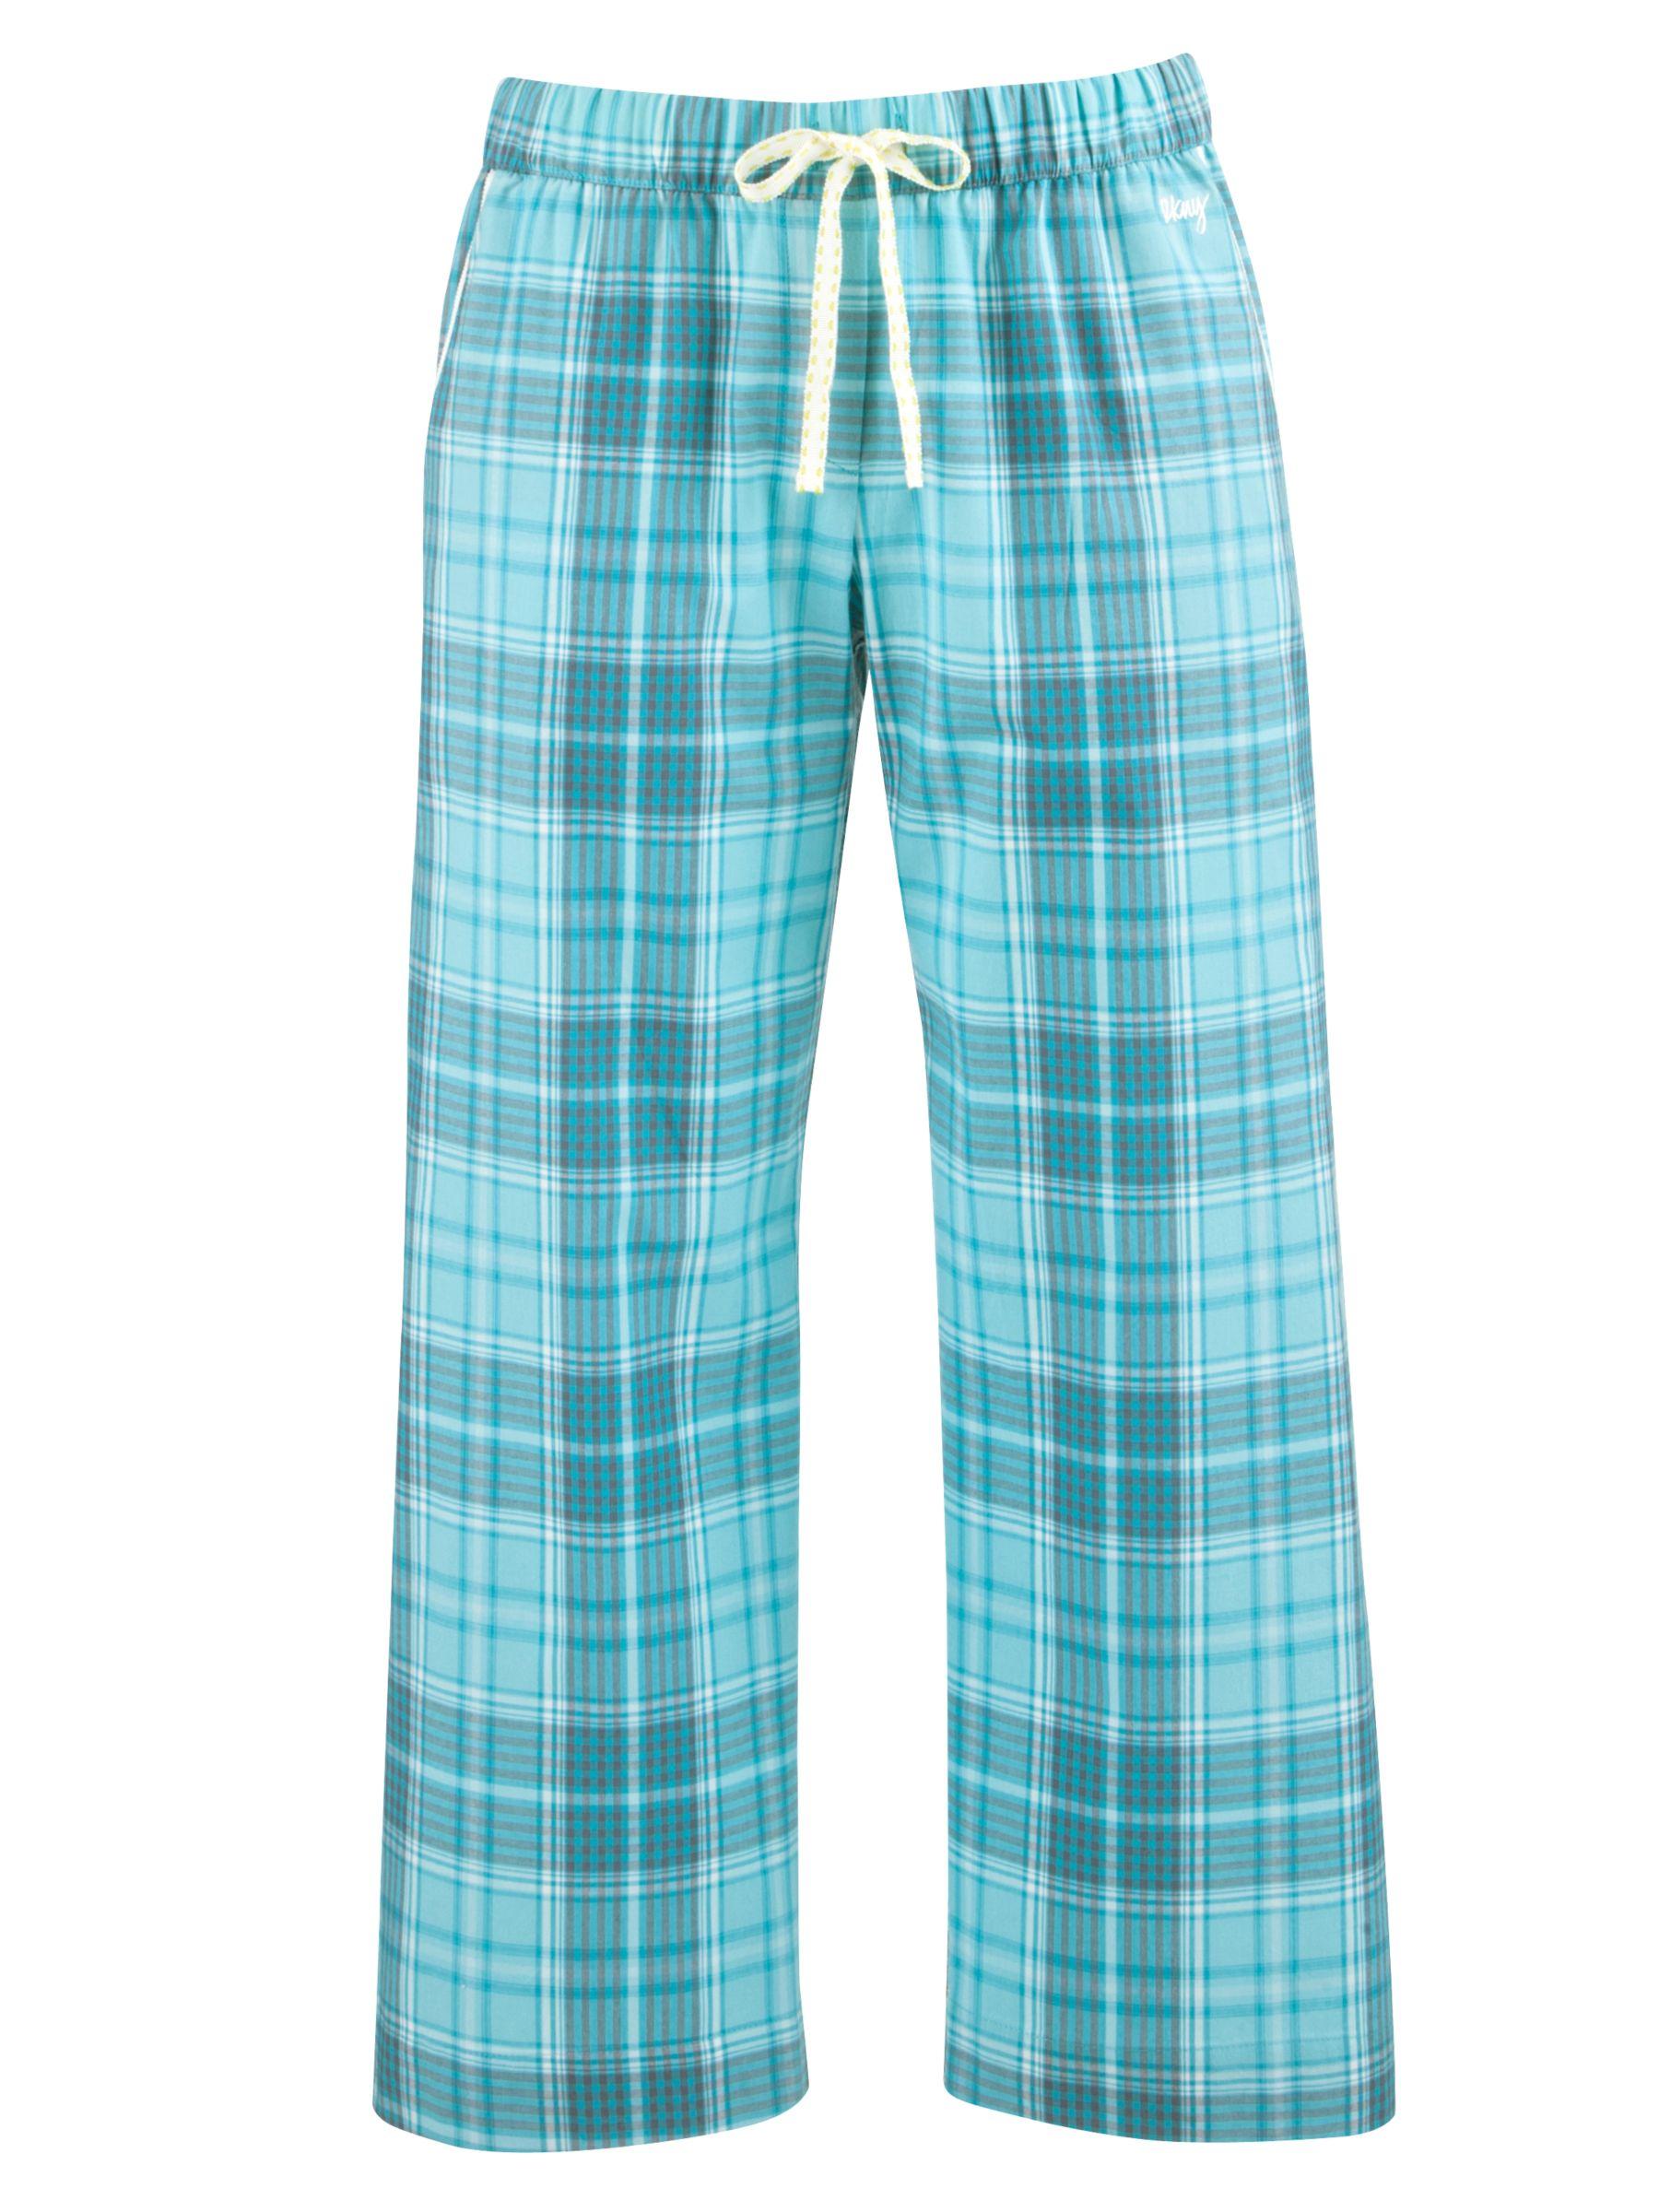 DKNY Capri Checked Pyjama Bottoms, Riveria